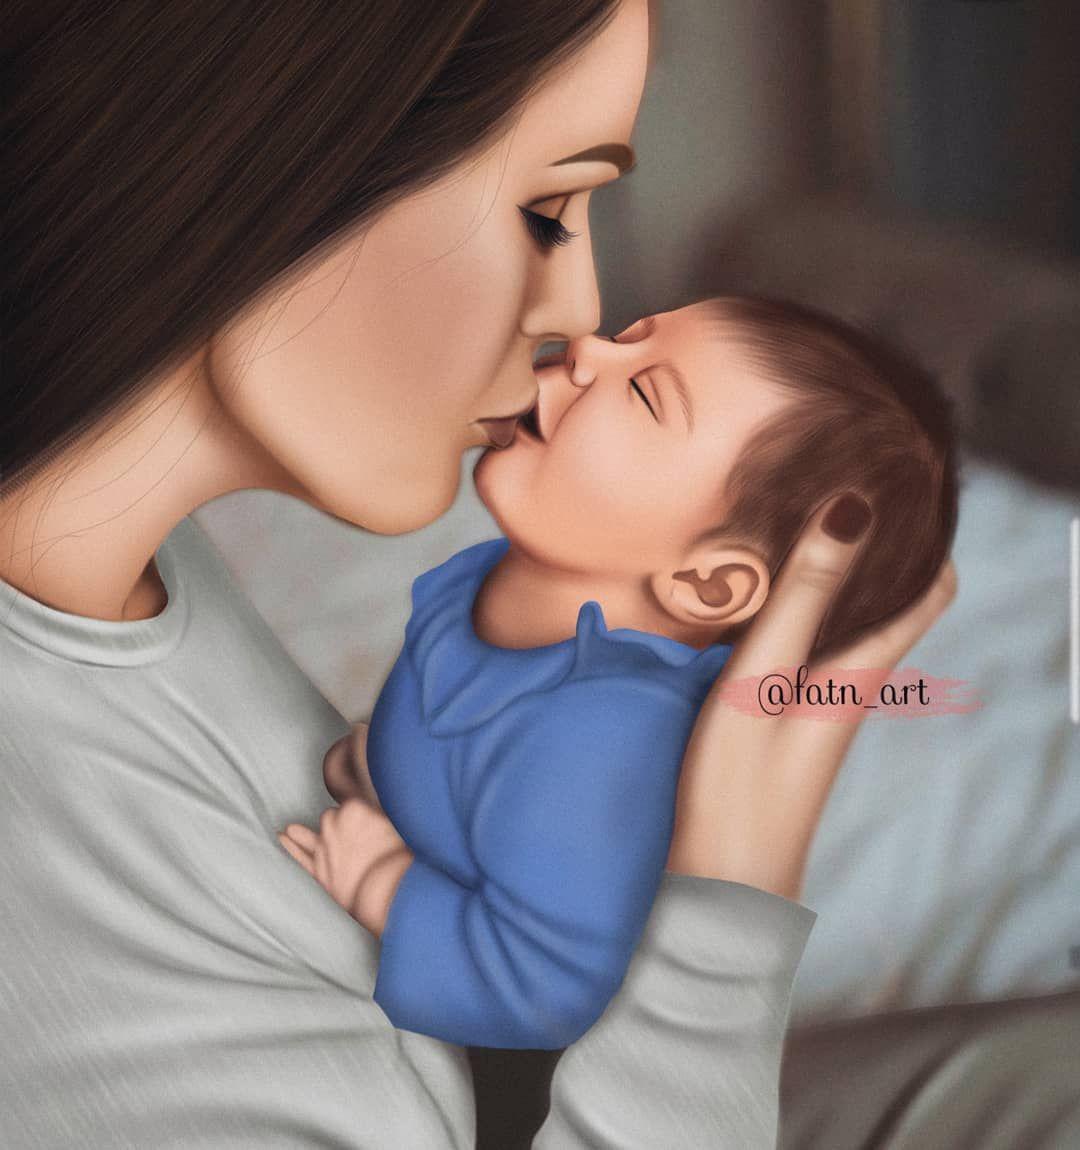 A Imagem Pode Conter 1 Pessoa Mother Child Photography Mother Daughter Art Children Photography